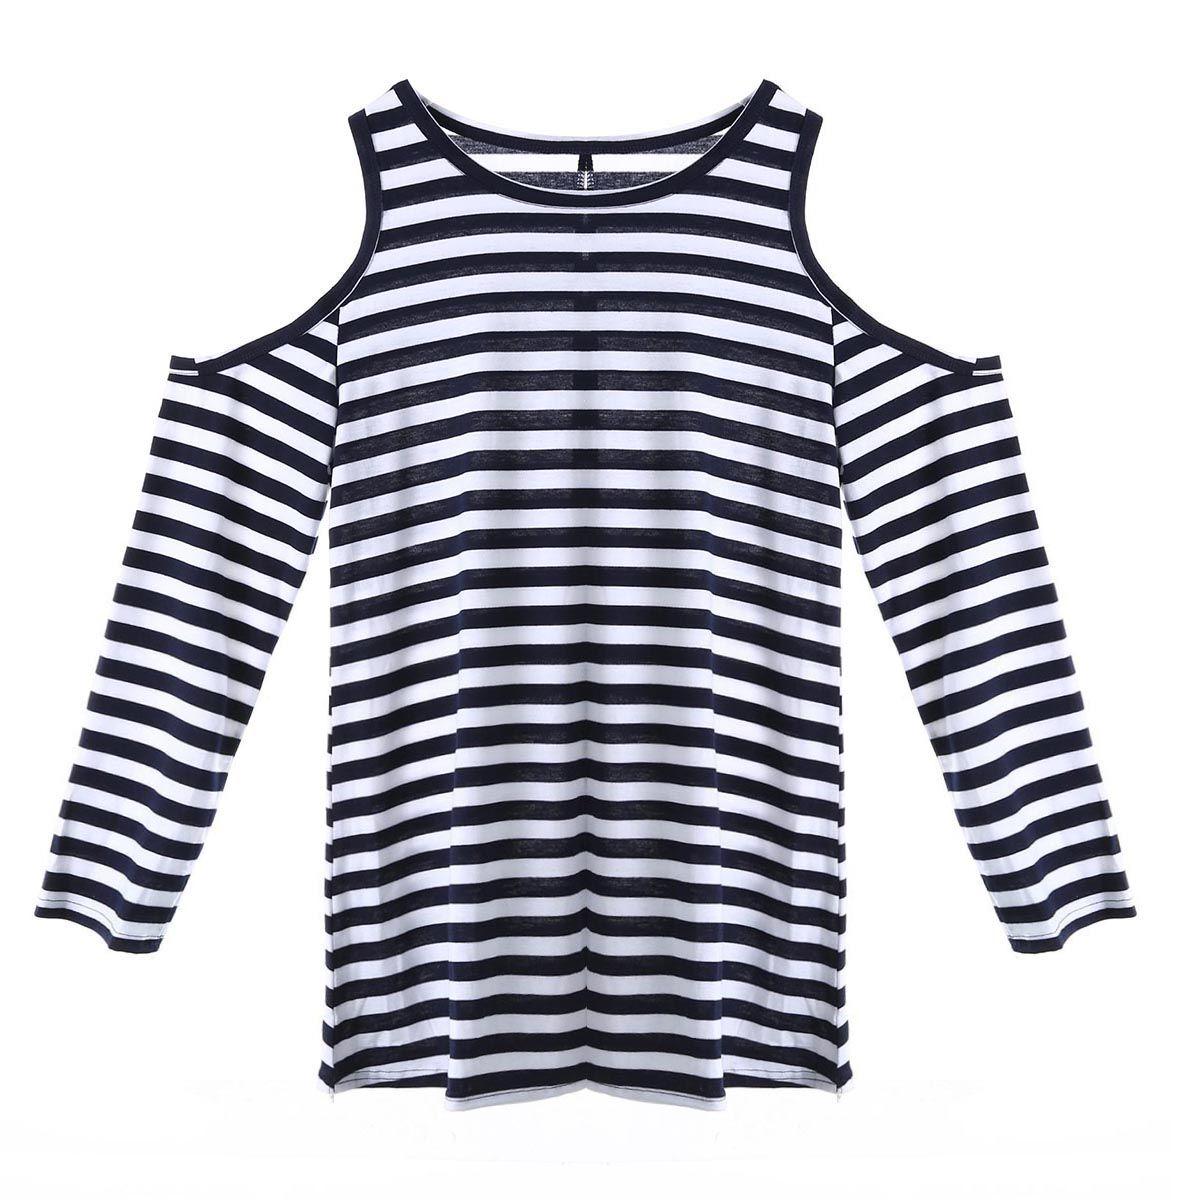 Frauen Art und Weise Damen Freizeit Pullover Langarm-lose Oberseiten-T T-Shirt weibliches T-Shirt für Frauen